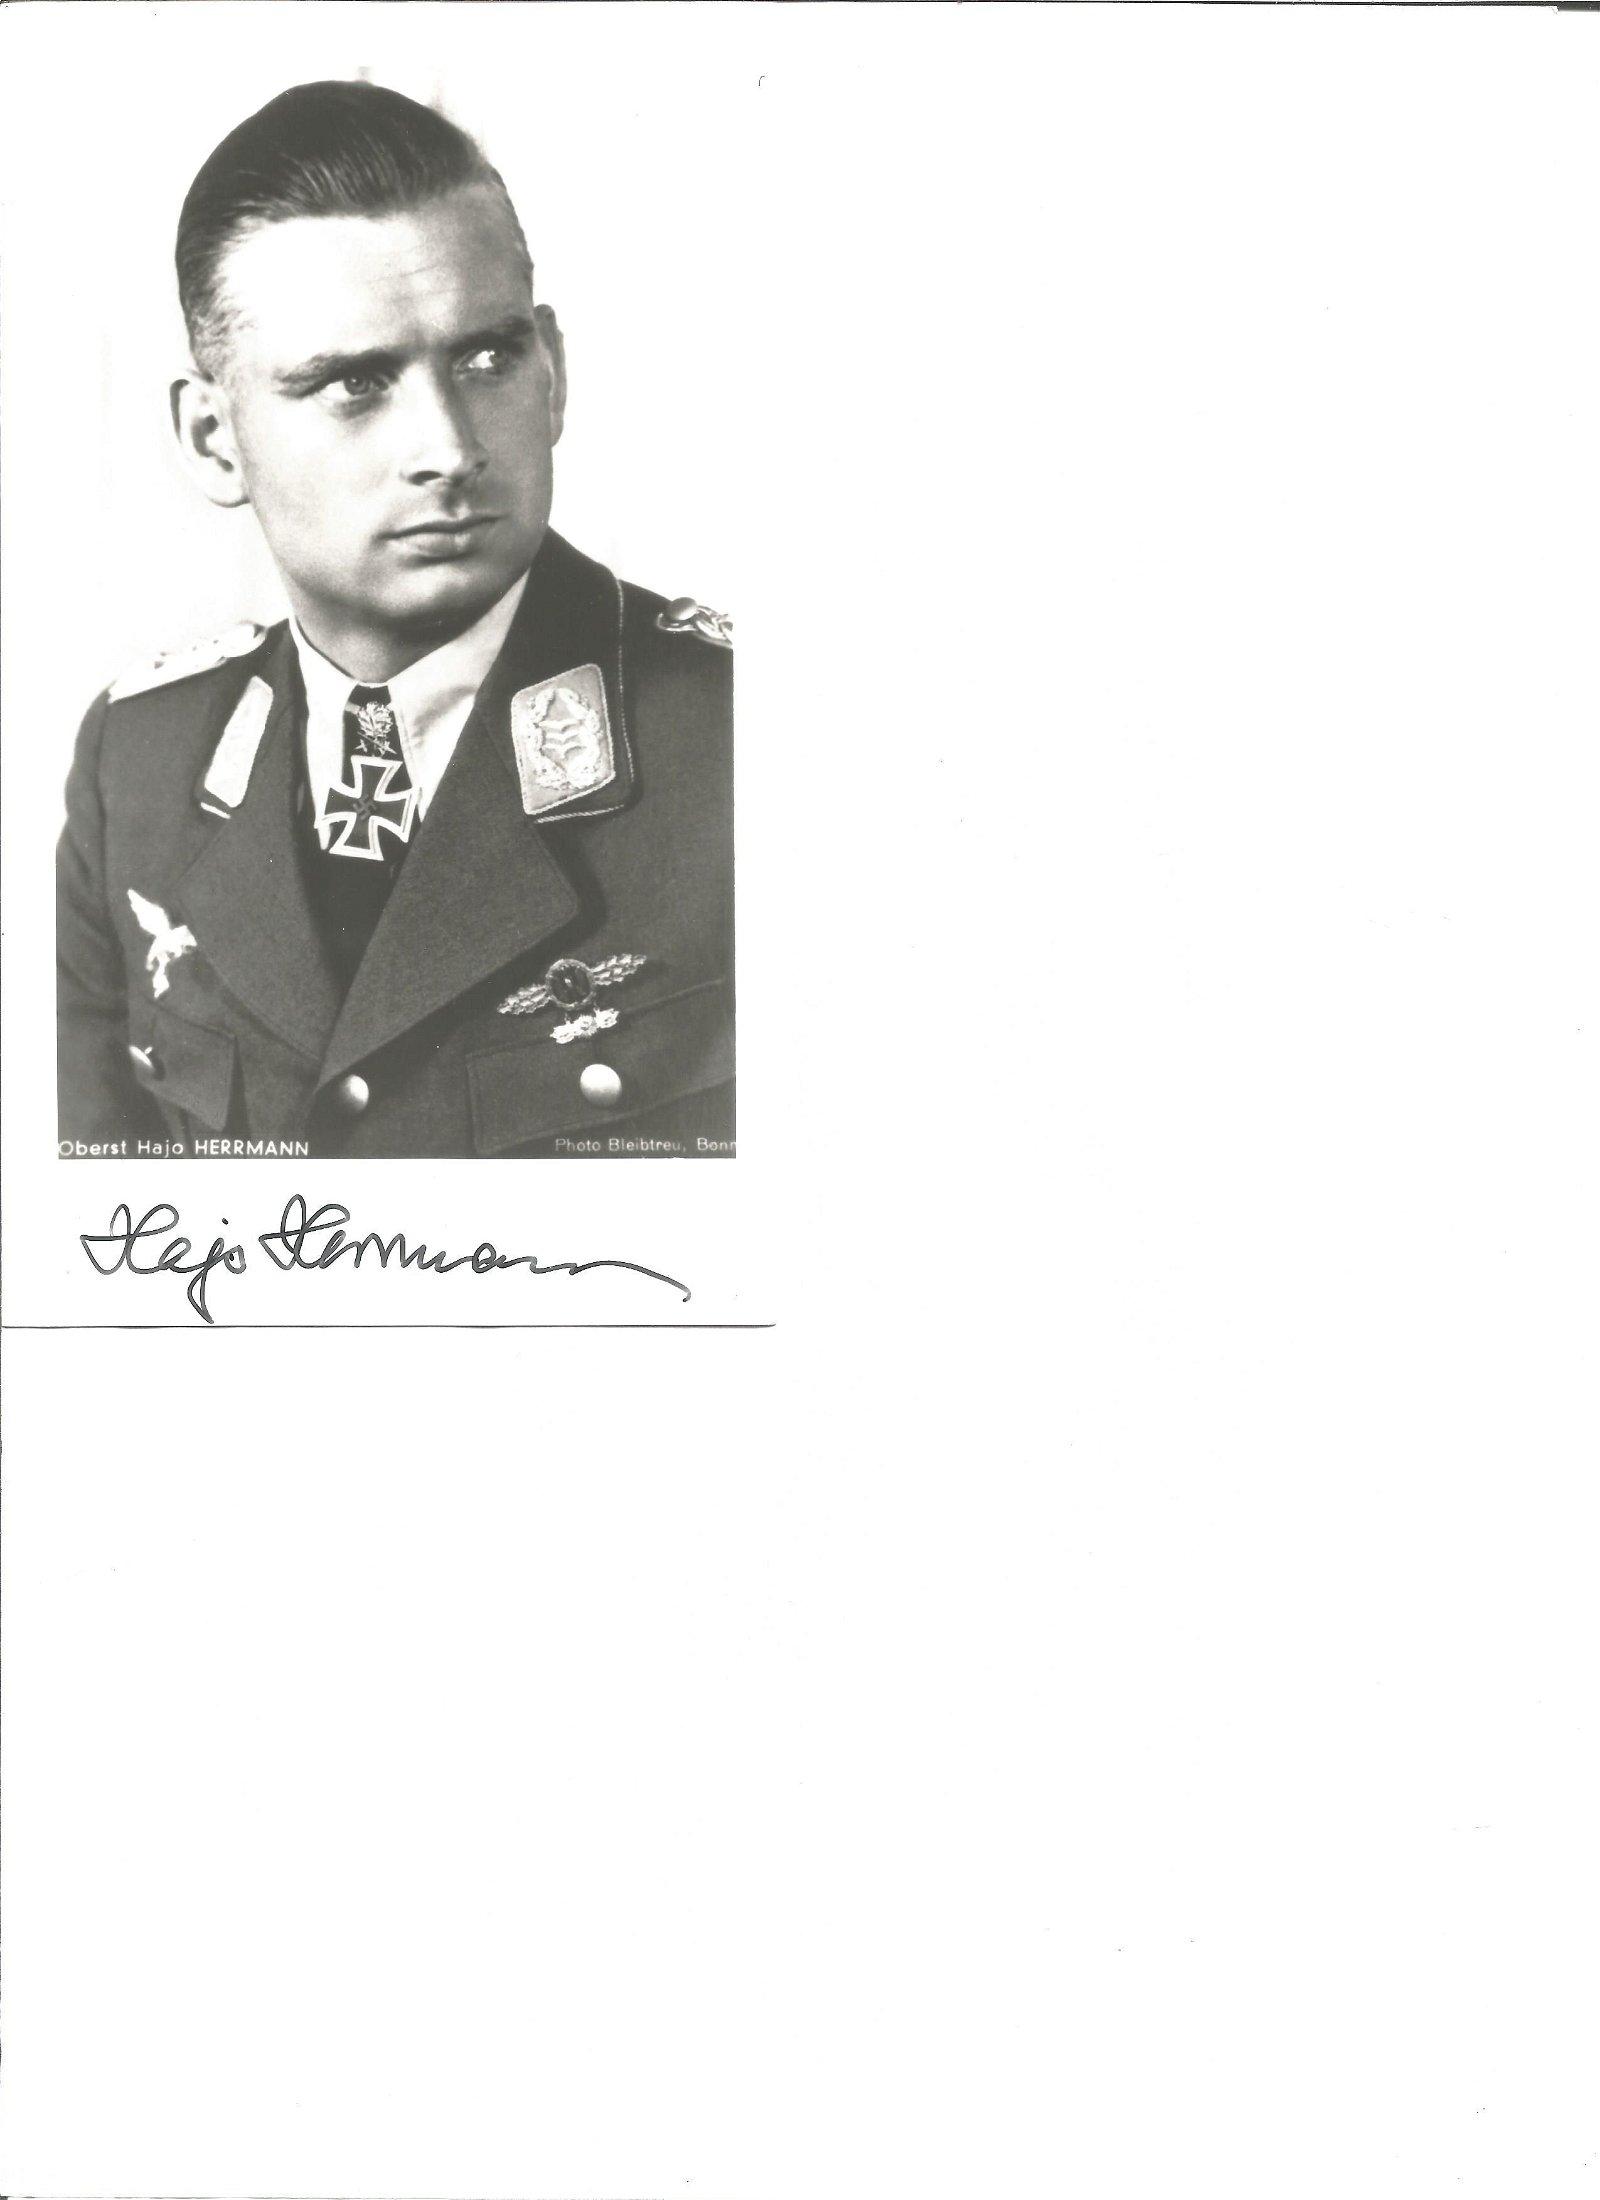 WW2 Luftwaffe fighter ace Hajo Herrmann KC signed 6 x 4